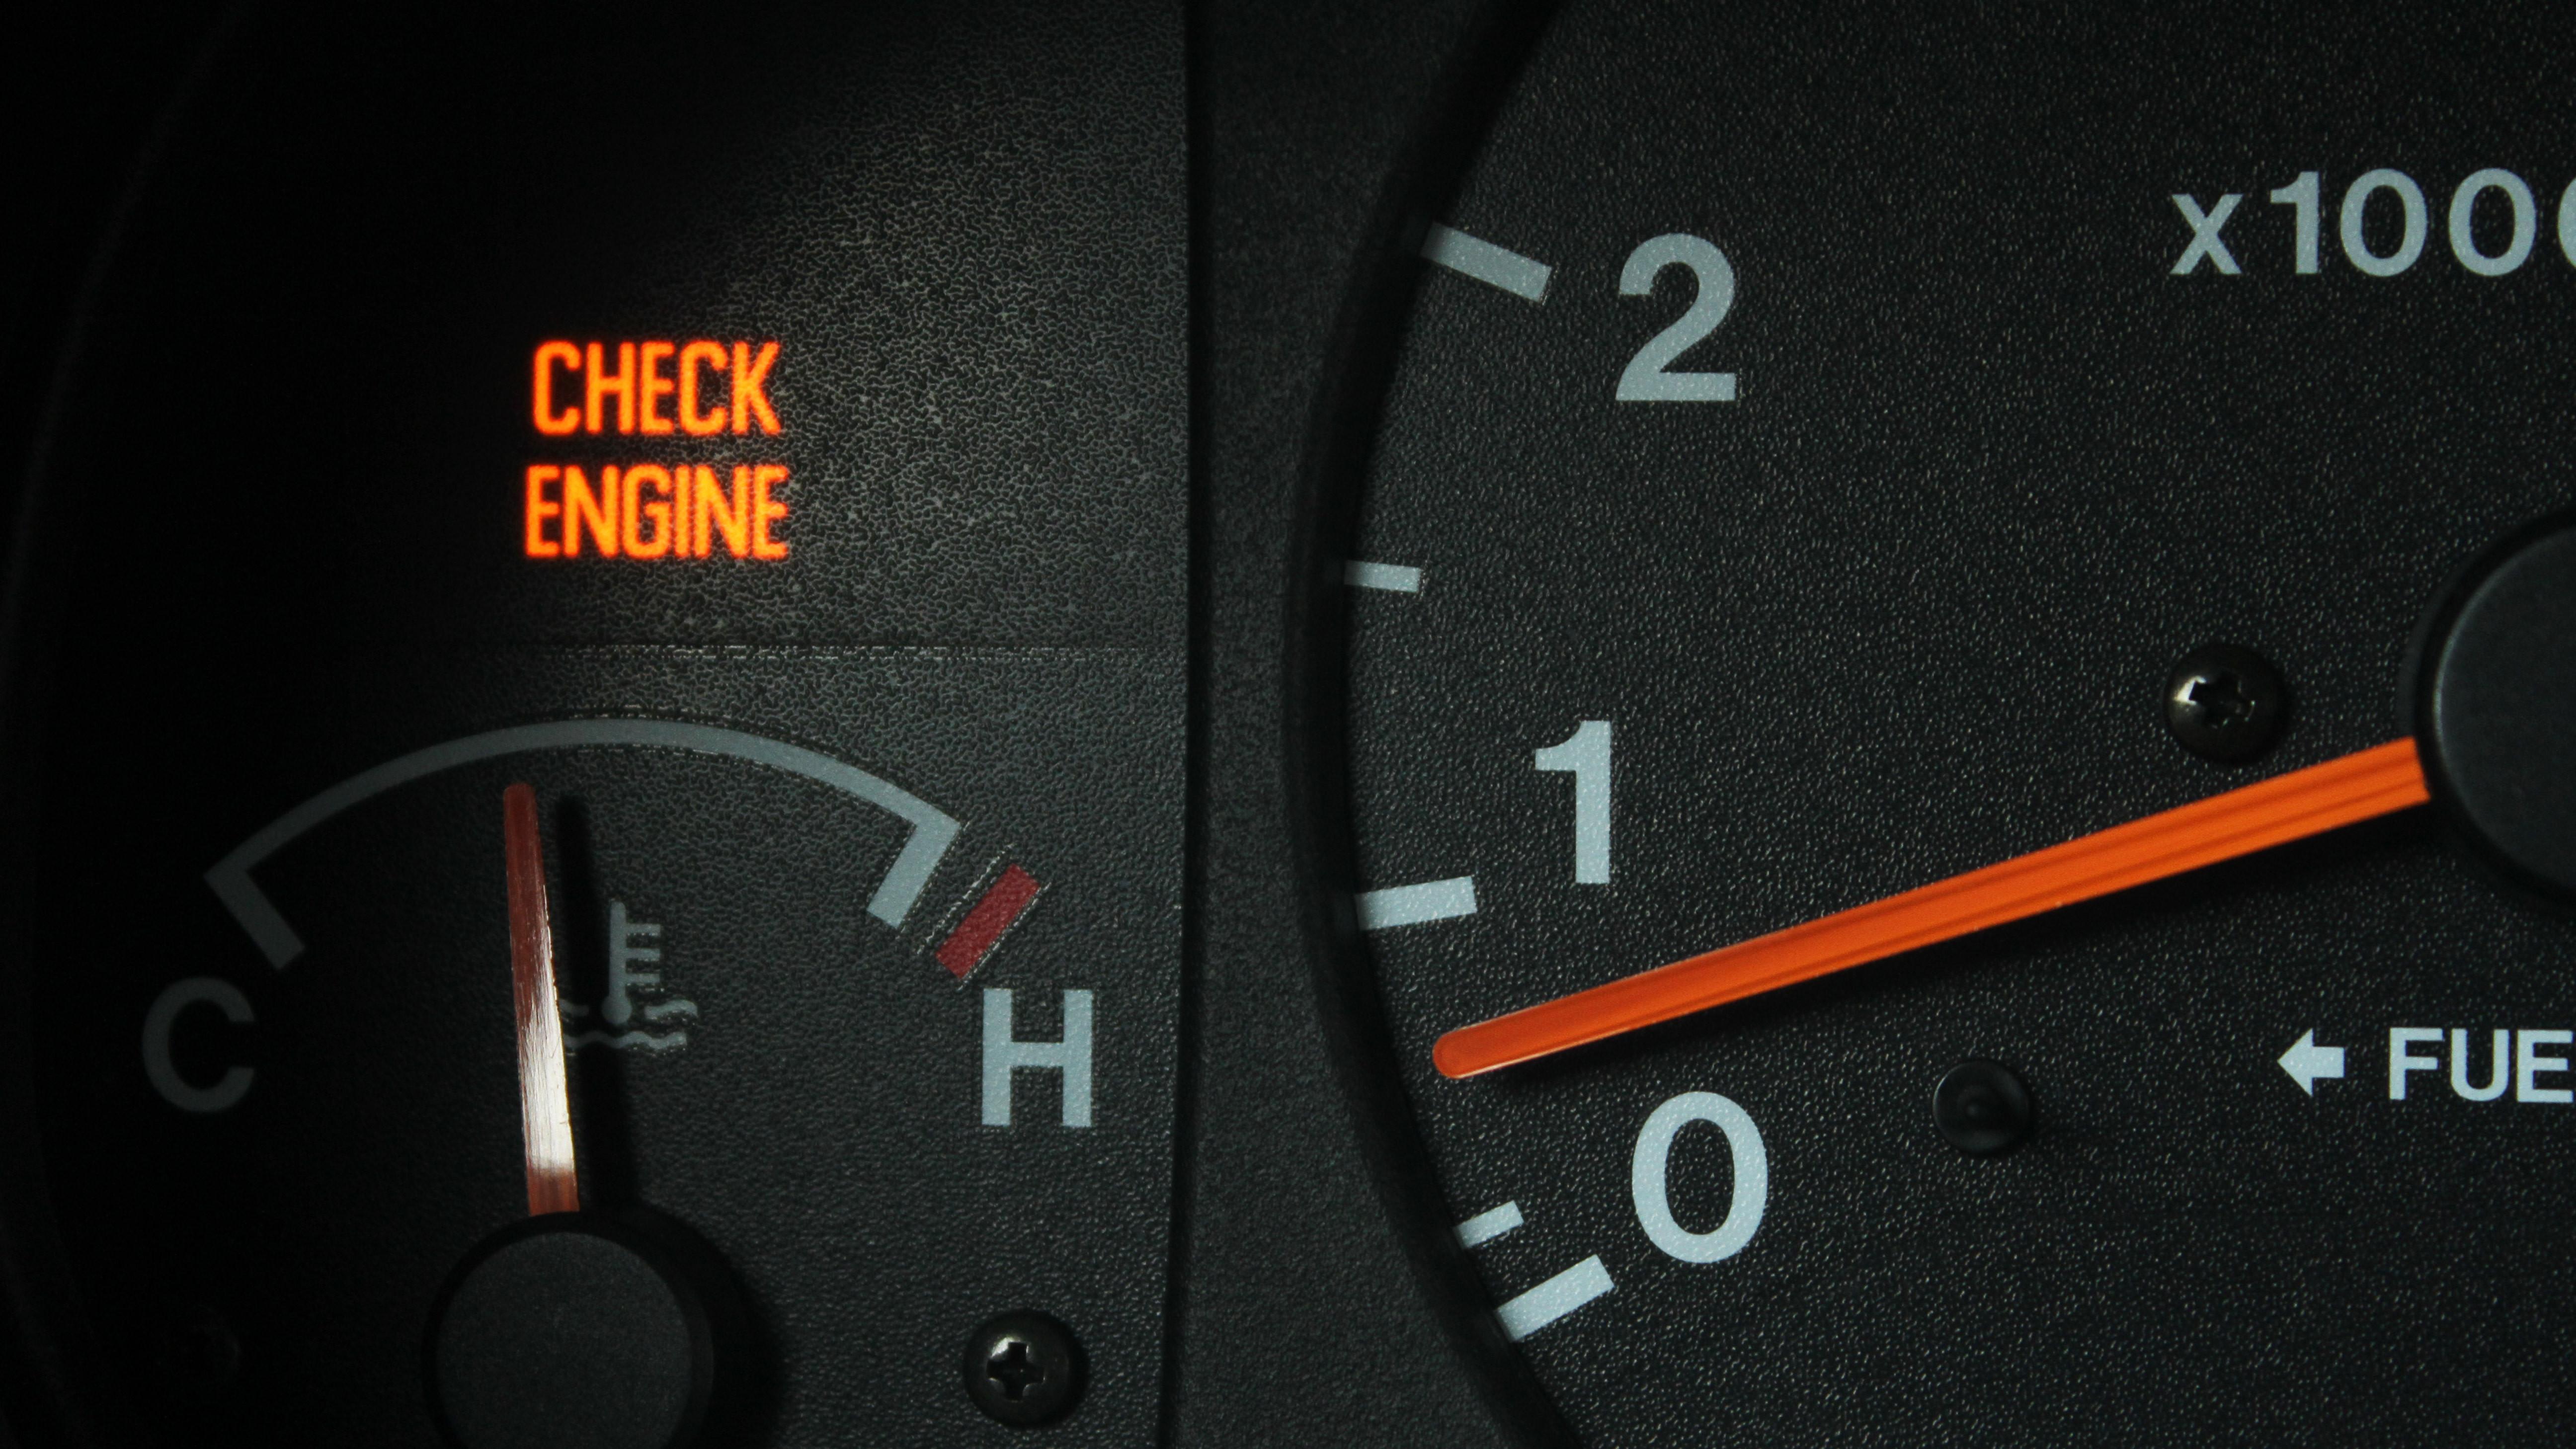 Загорелся значок двигателя на панели приборов: причины, устранение, последствия